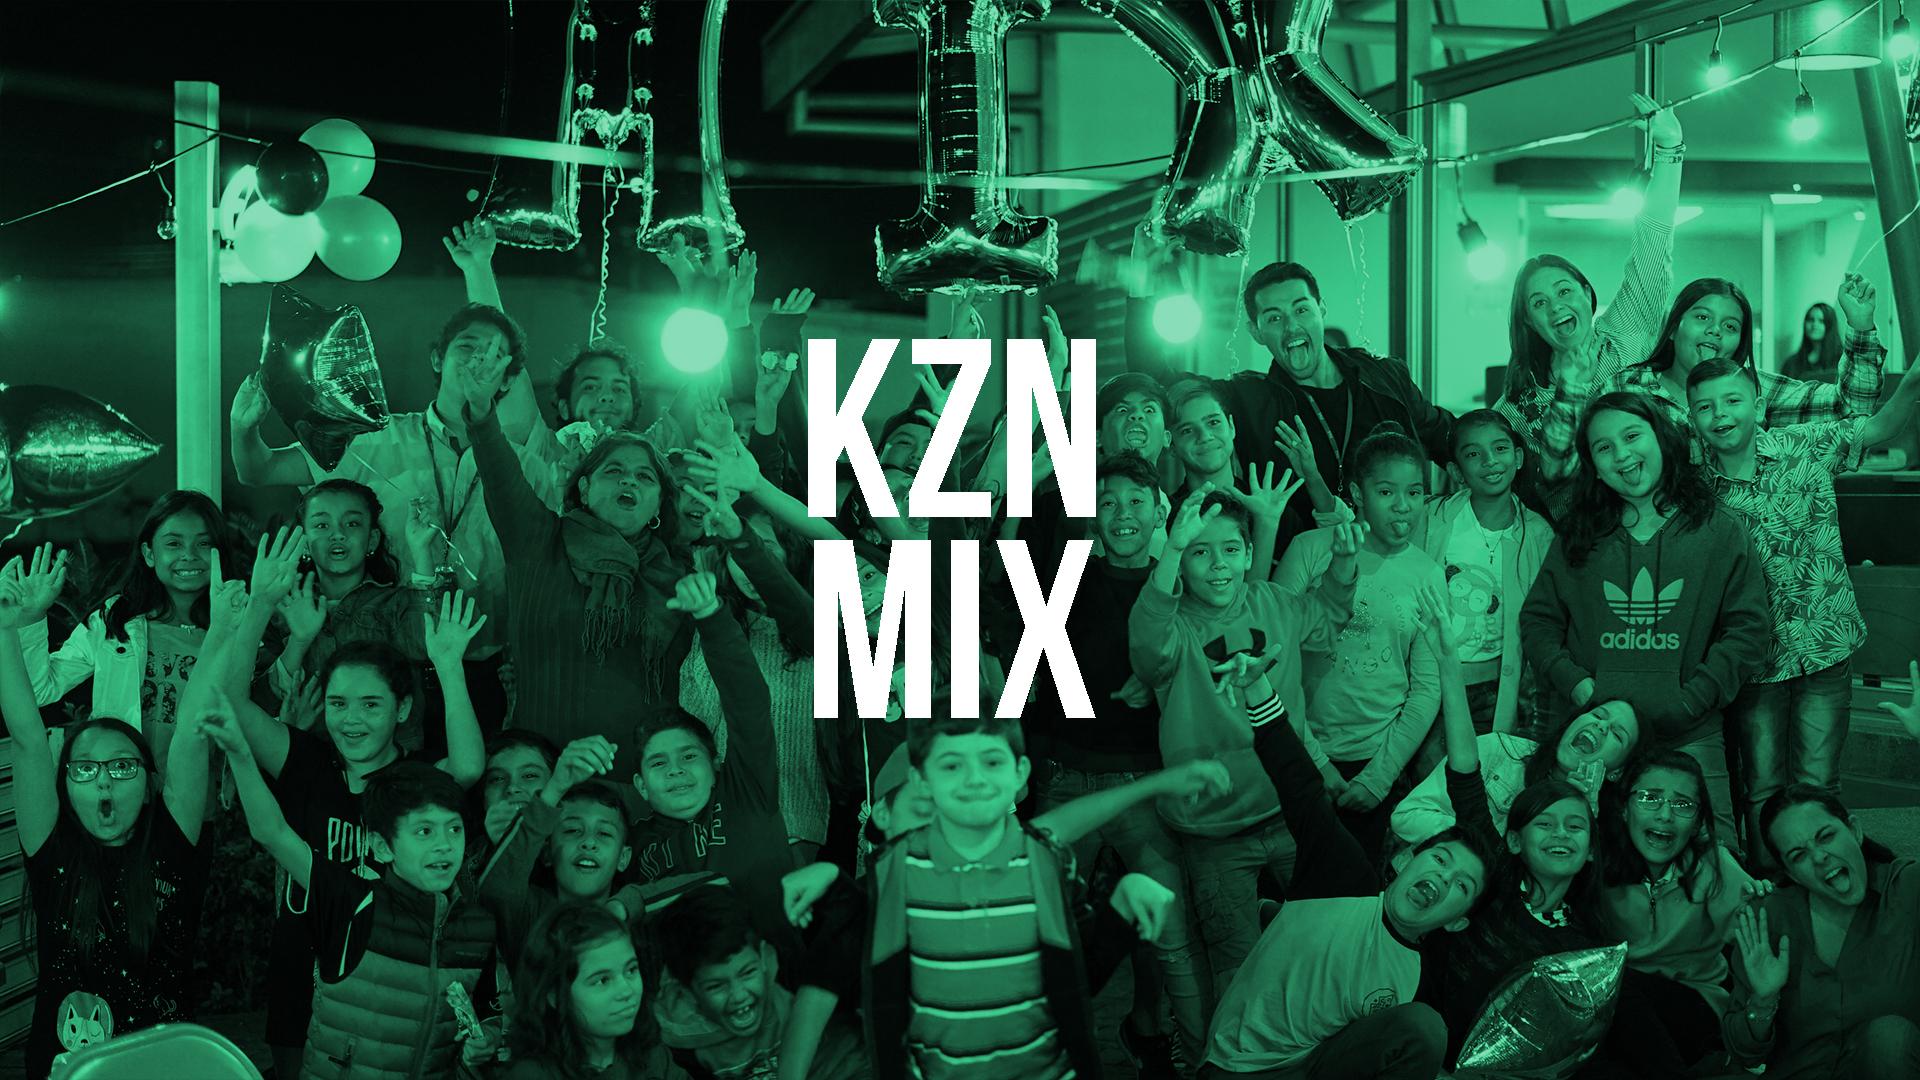 Kzona Mix es el grupo de pre-adolescentes donde cada fin de semana aprendemos de Jesús de formas divertidas al lado de muchos amigos.